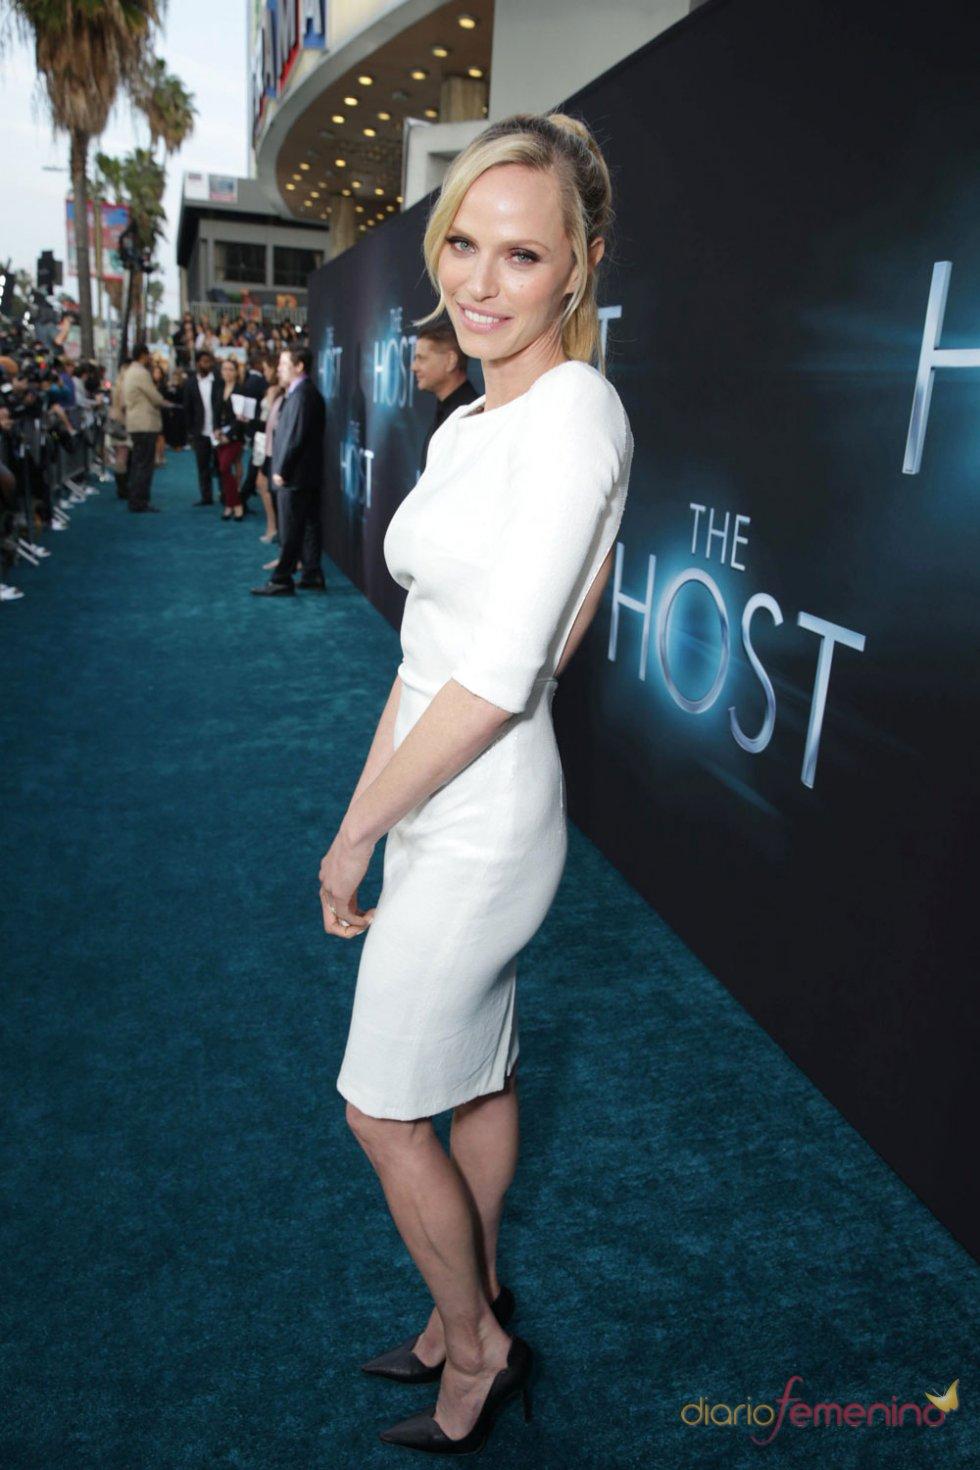 Rachel Roberts en el estreno de 'The Host' en Los Ángeles